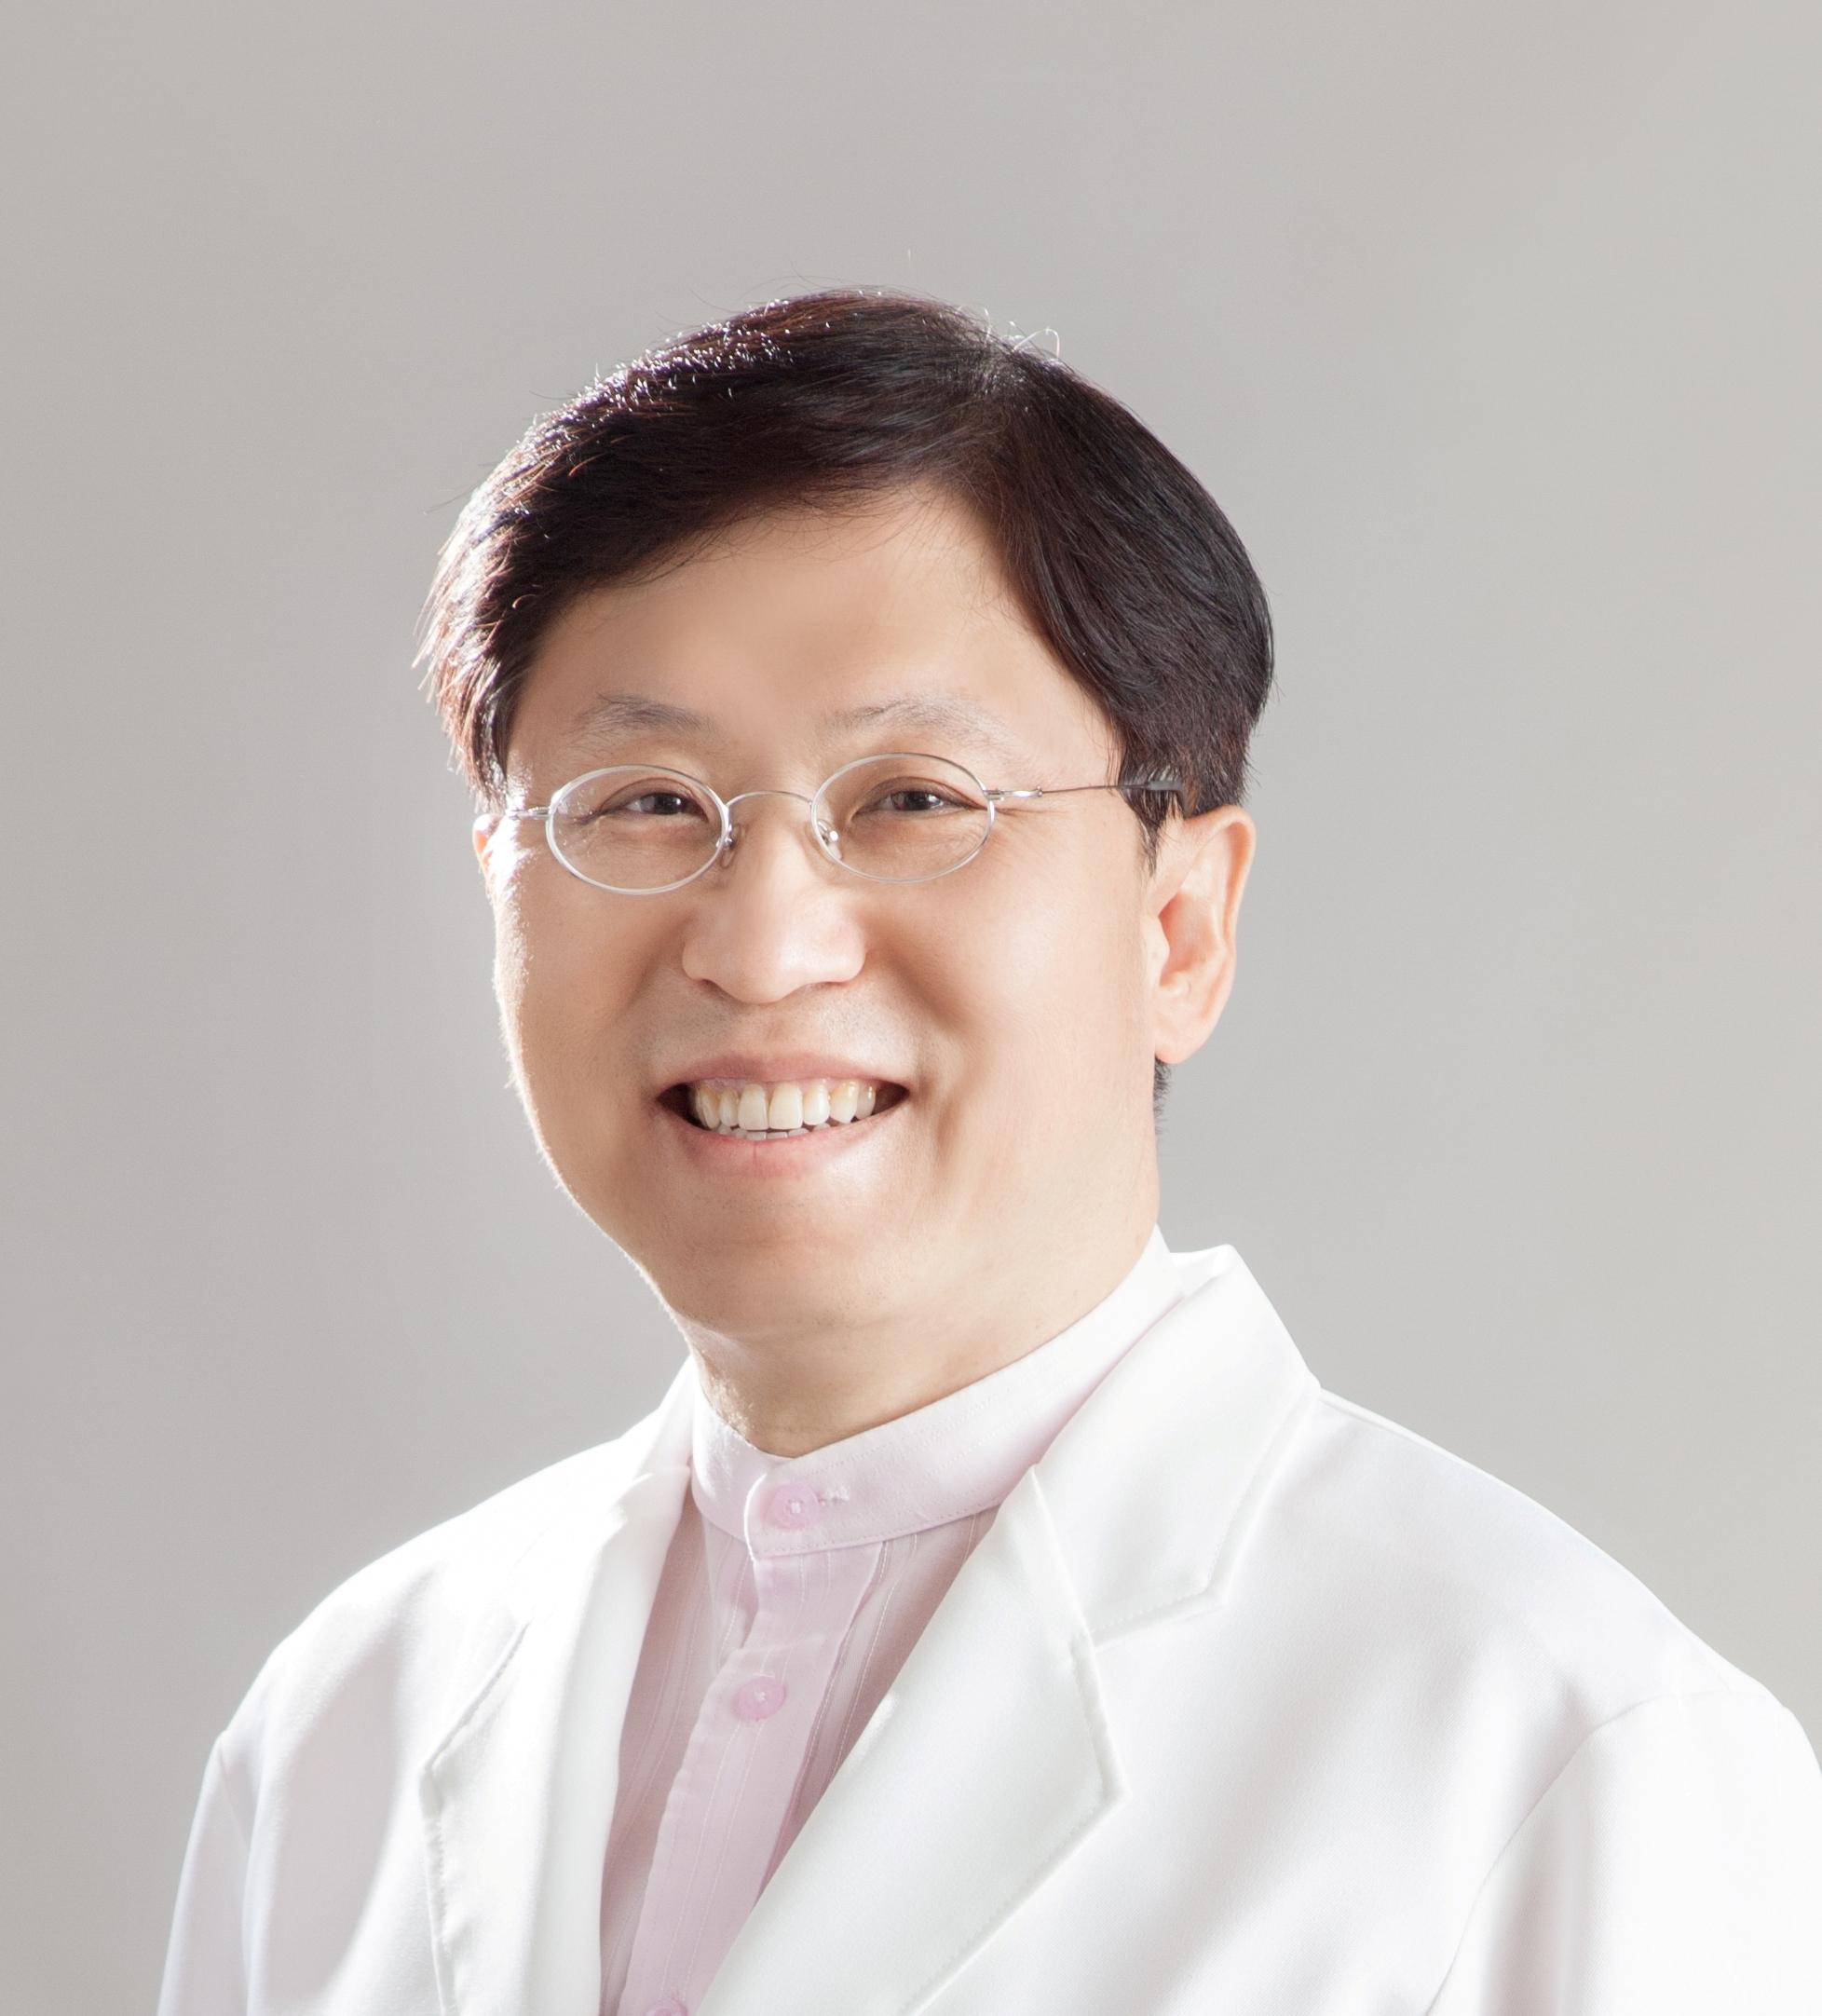 Sungin Cho